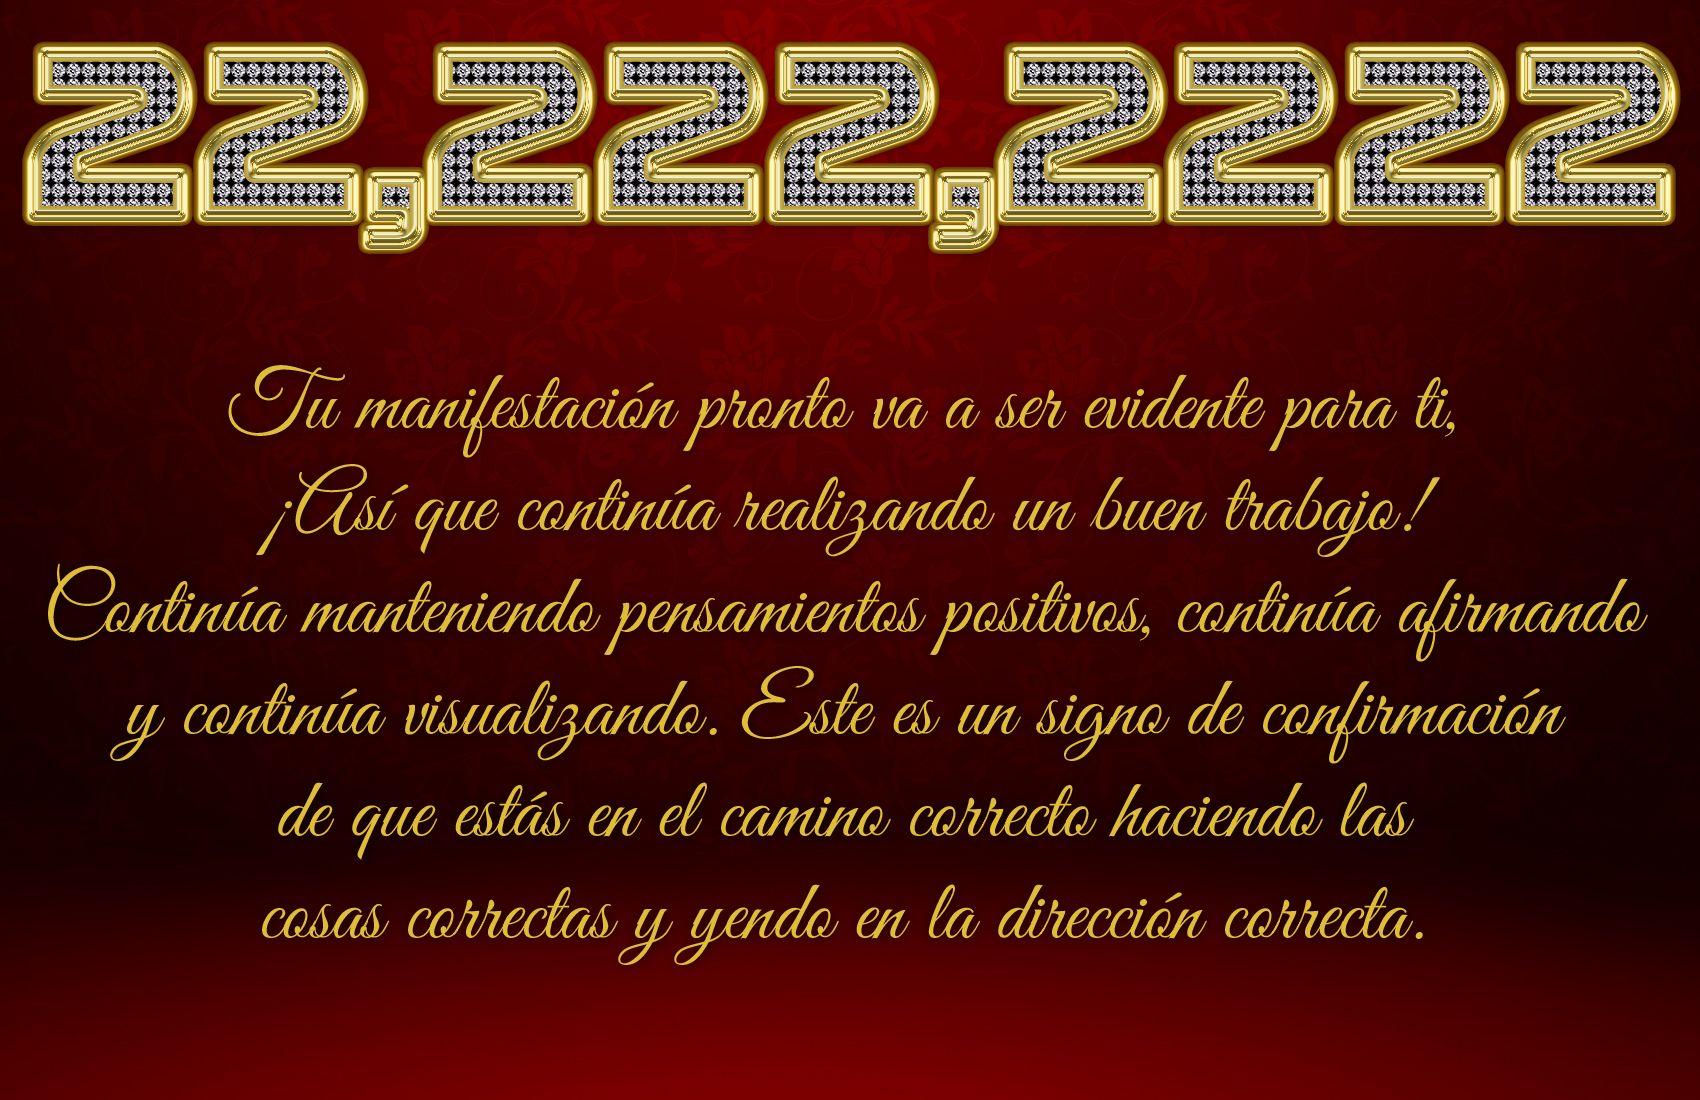 Significado 22 222 2222 Numerología Códigos Sagrados Pensamientos Positivos